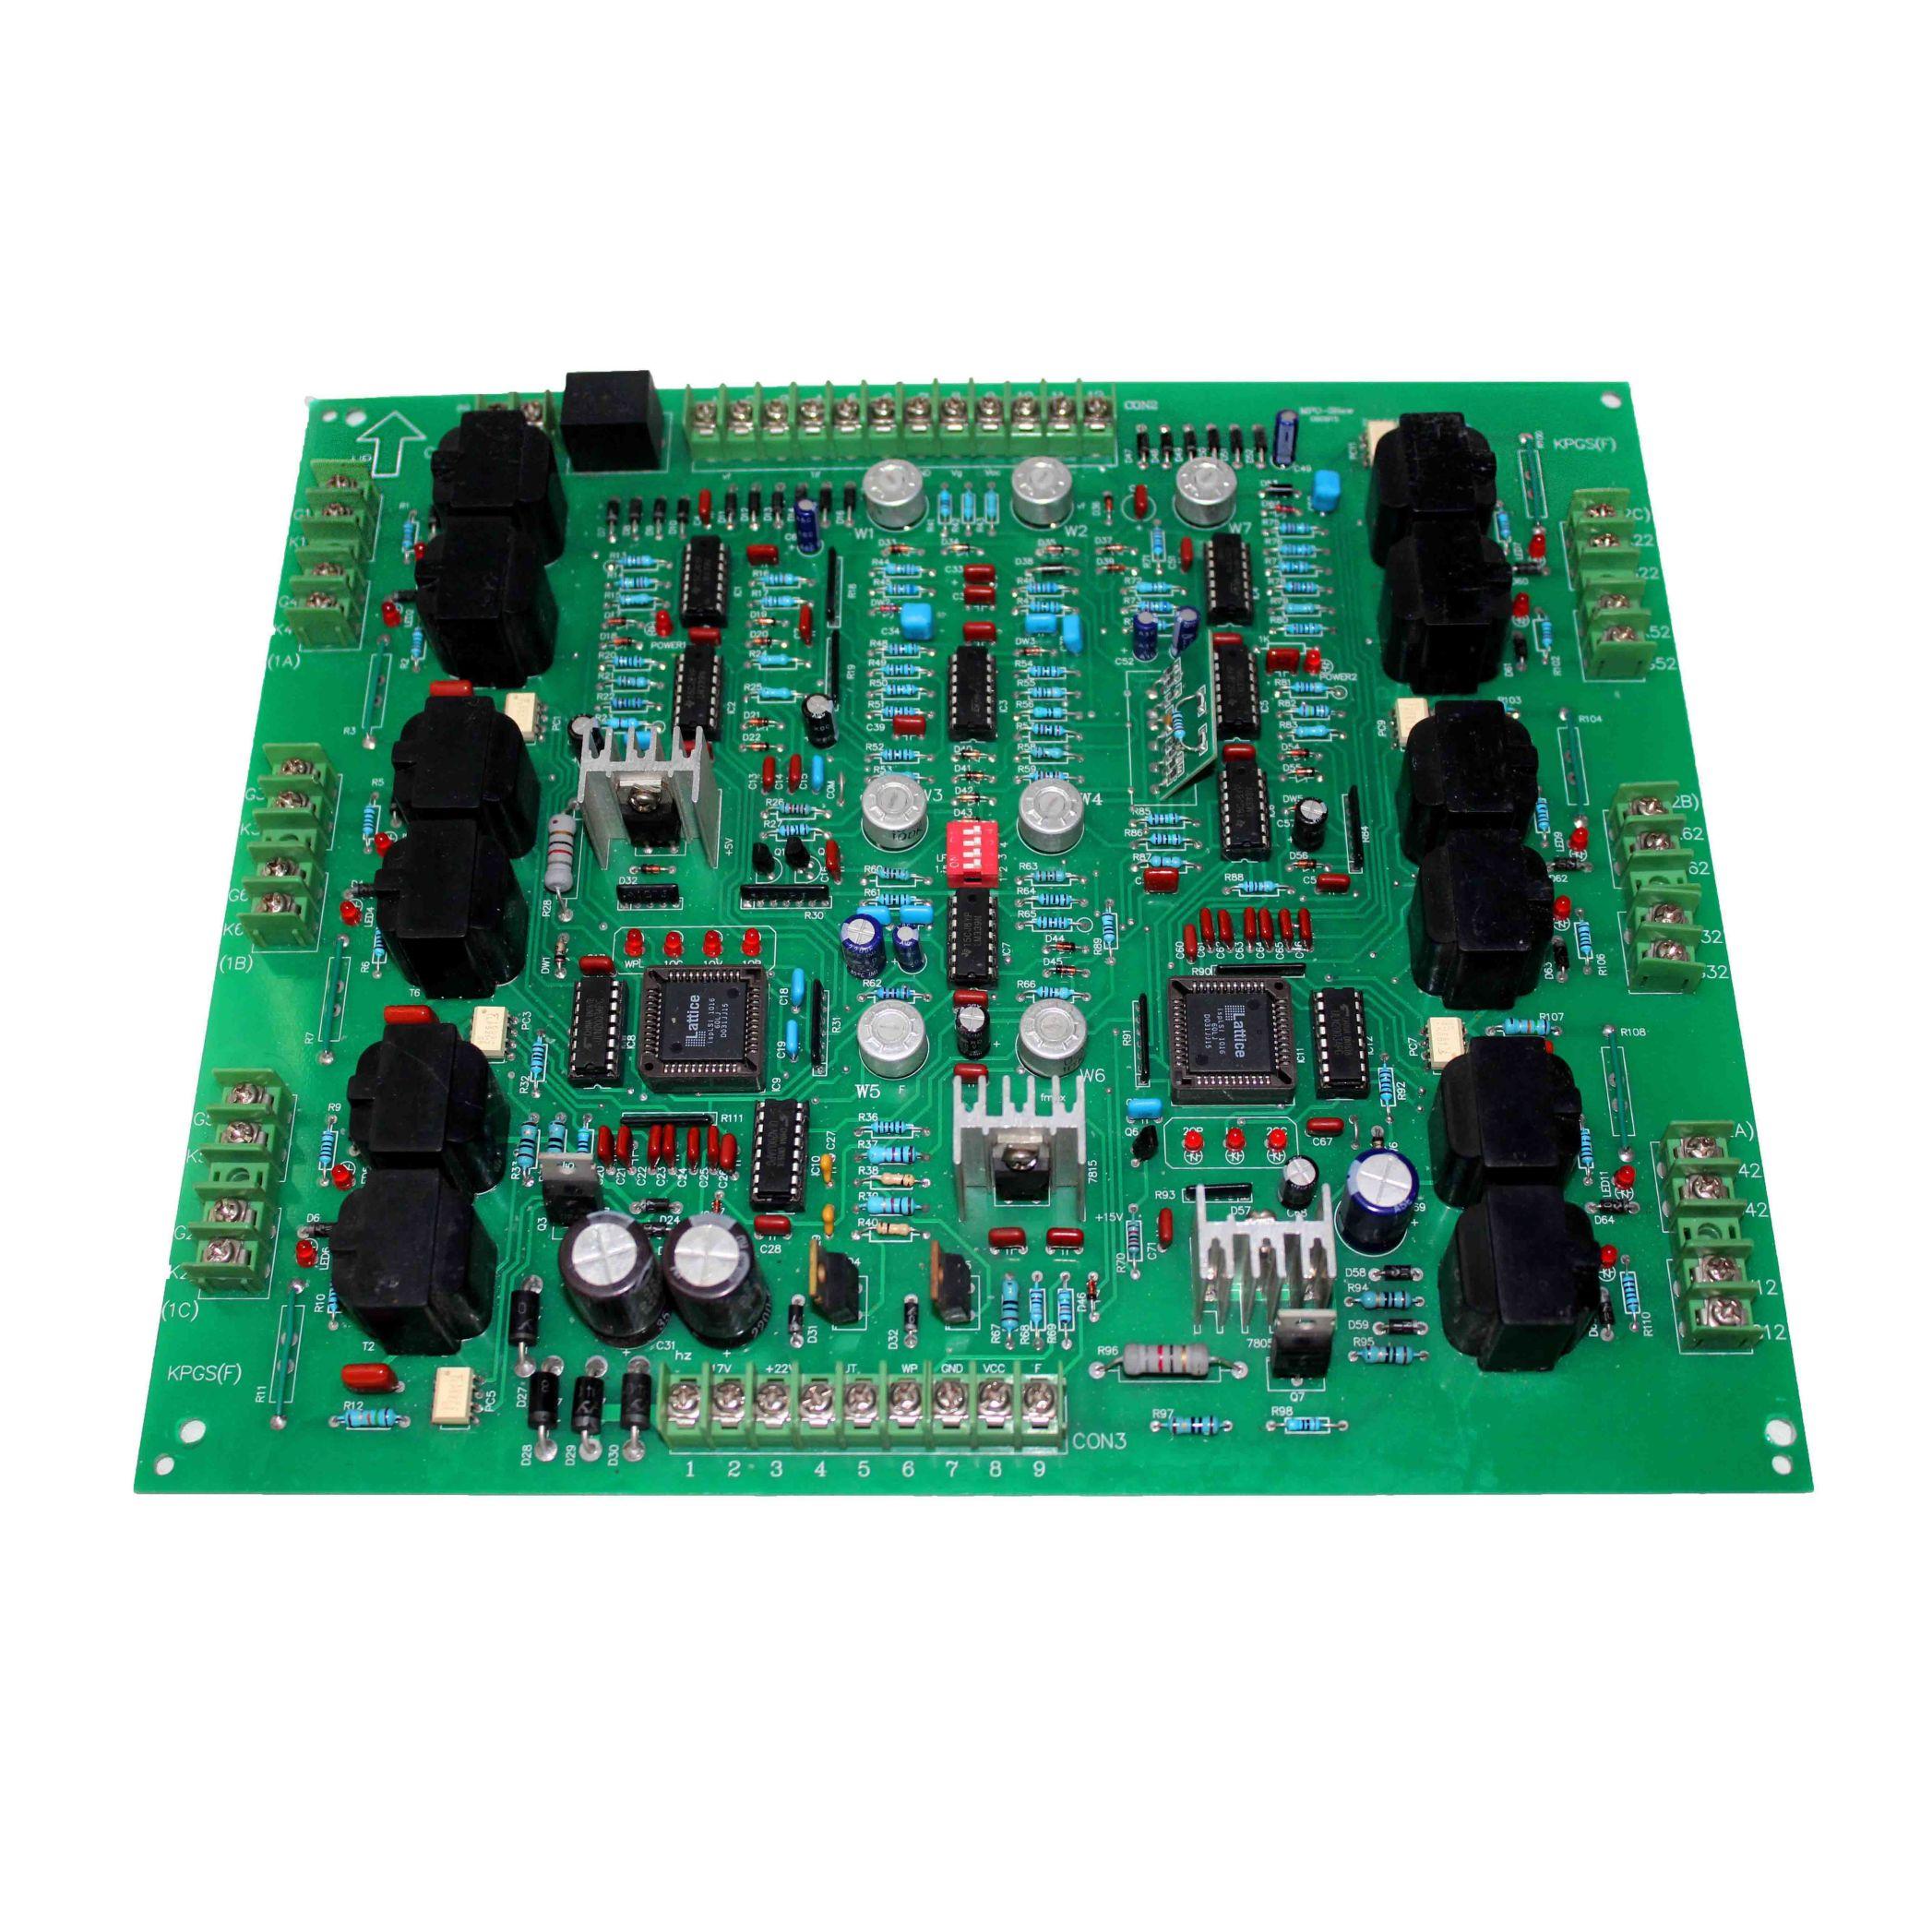 برد کنترل تریستور | MPU-3 NEW | برد کنترل کننده کوره های القایی 6 فاز